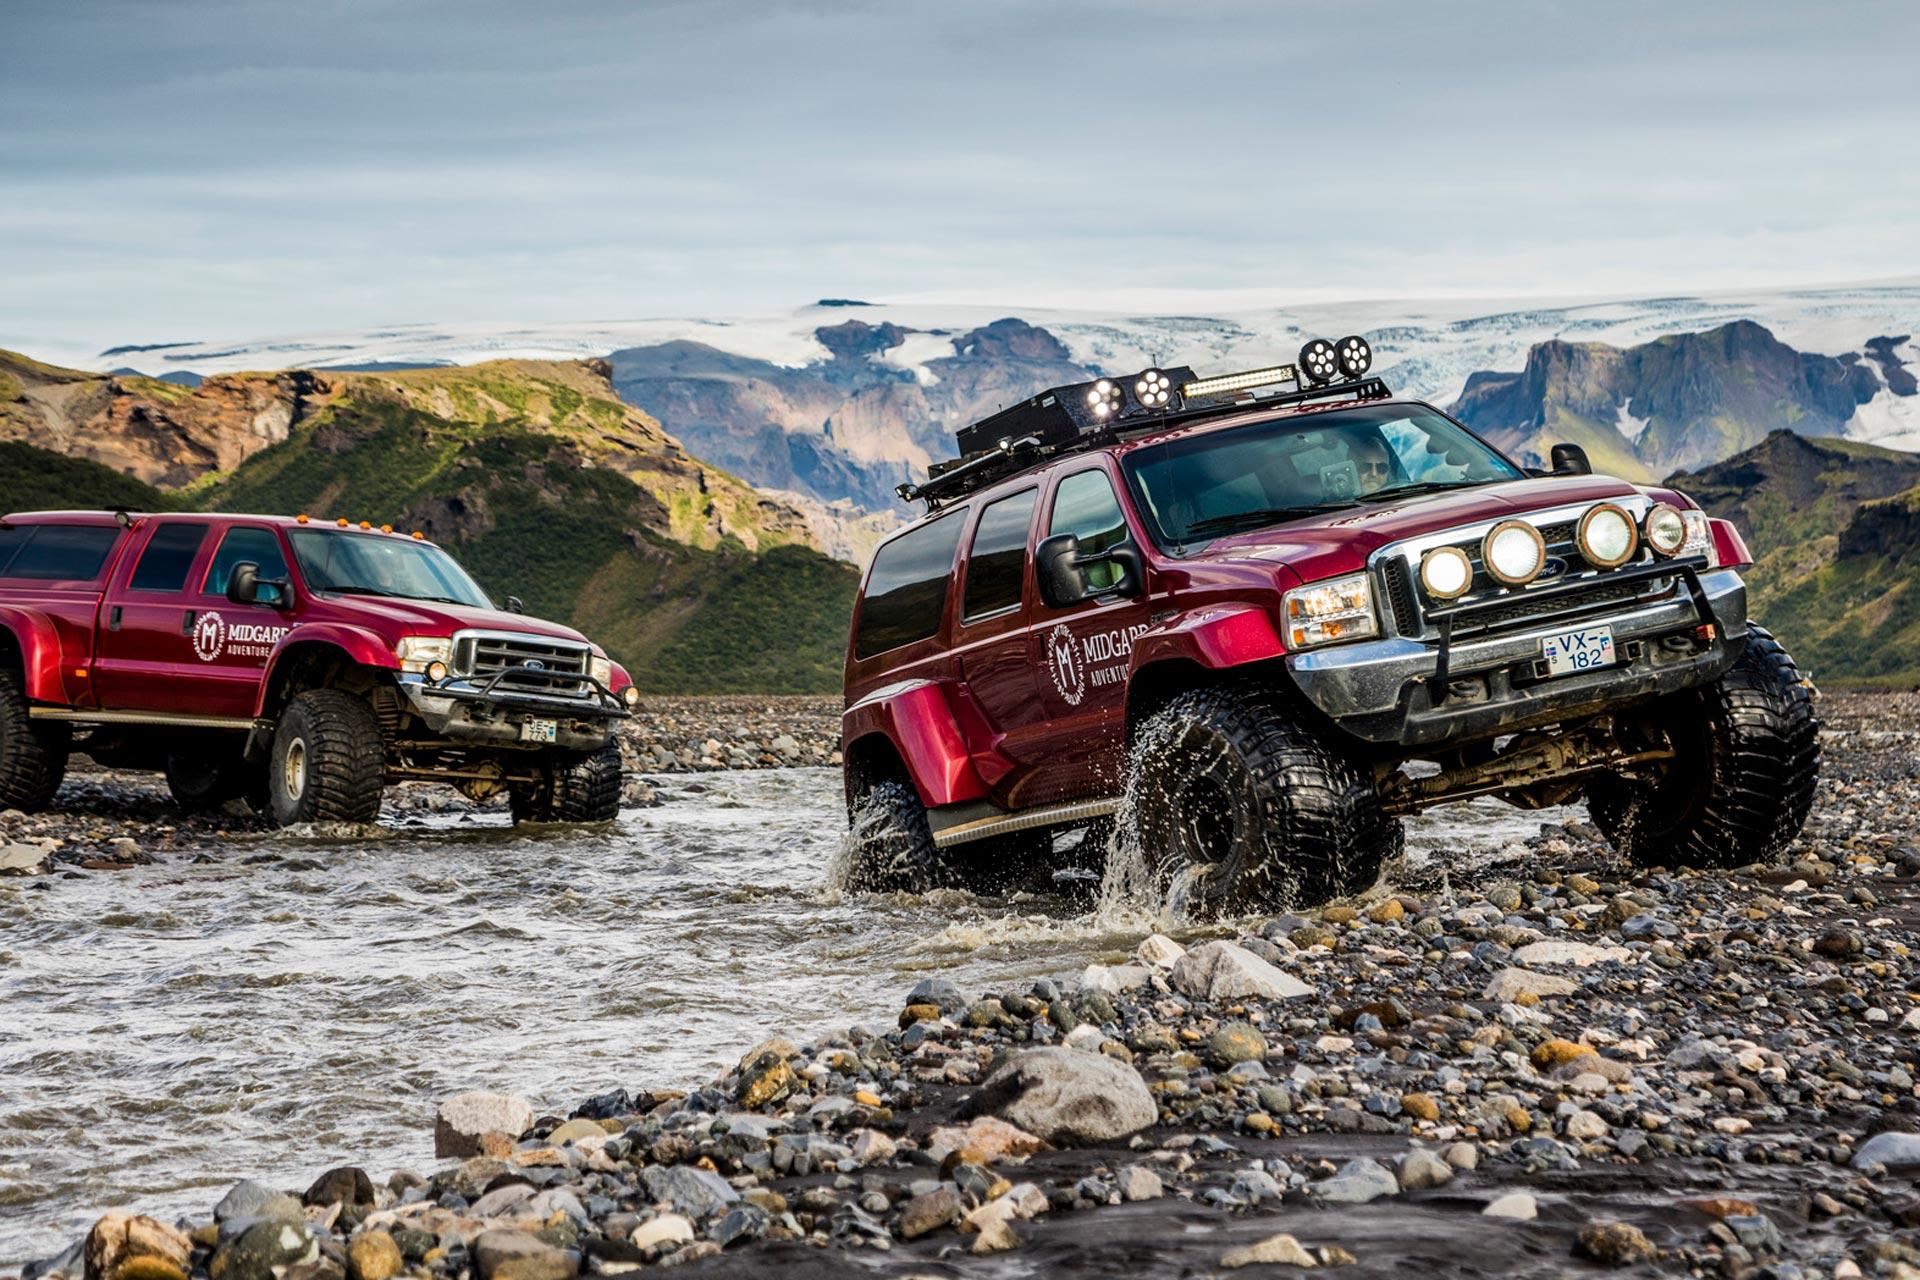 Voyagez dans une super jeep pour vous rendre dans des endroits difficiles à atteindre, tels que les Hautes Terres, au cours de ce voyage d'aventure de 4 jours.